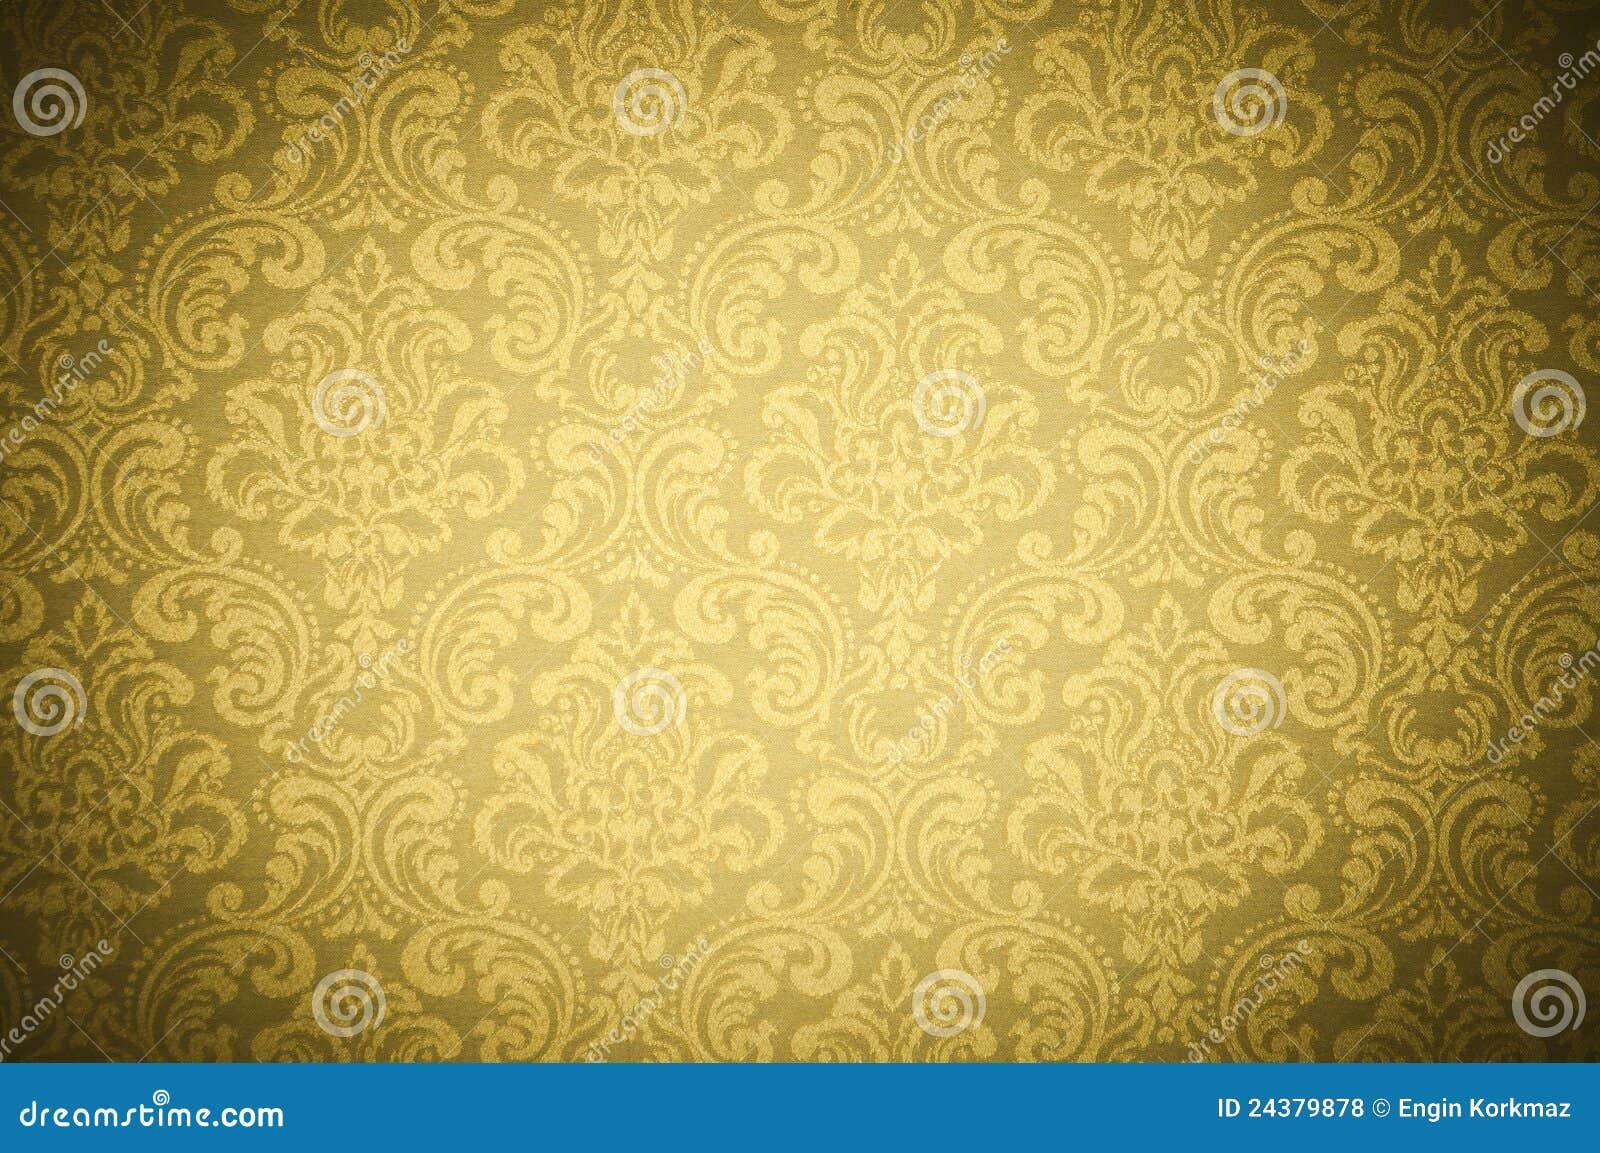 texture jaune de papier peint photo stock image du g. Black Bedroom Furniture Sets. Home Design Ideas